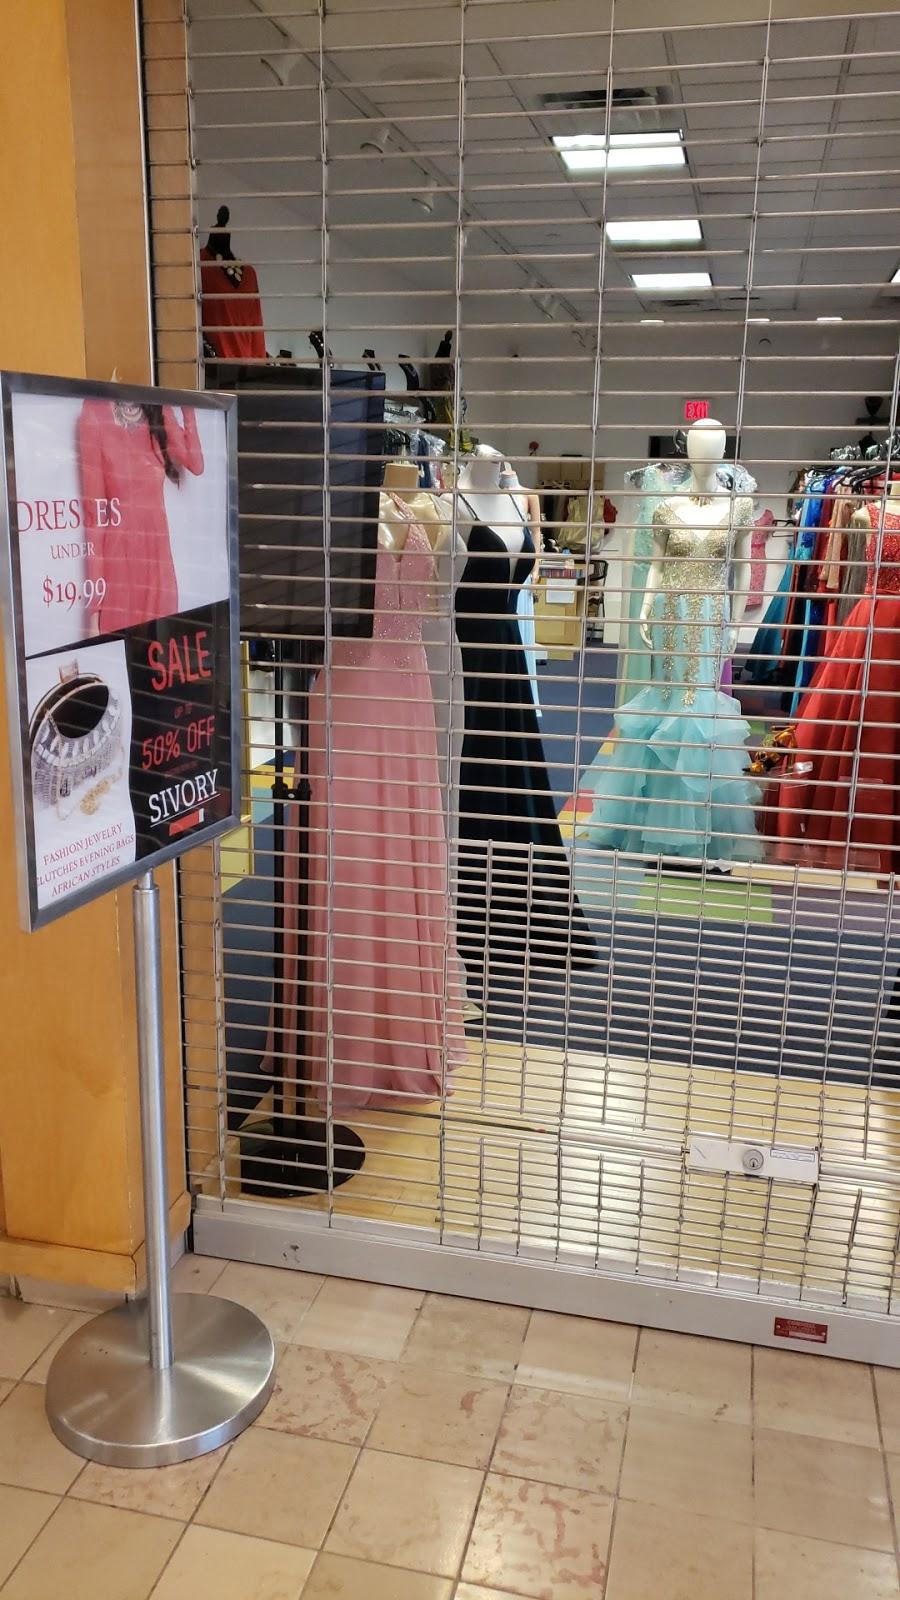 Sivory - clothing store  | Photo 3 of 3 | Address: 250 Woodbridge Center Dr, Woodbridge, NJ 07095, USA | Phone: (908) 494-7453